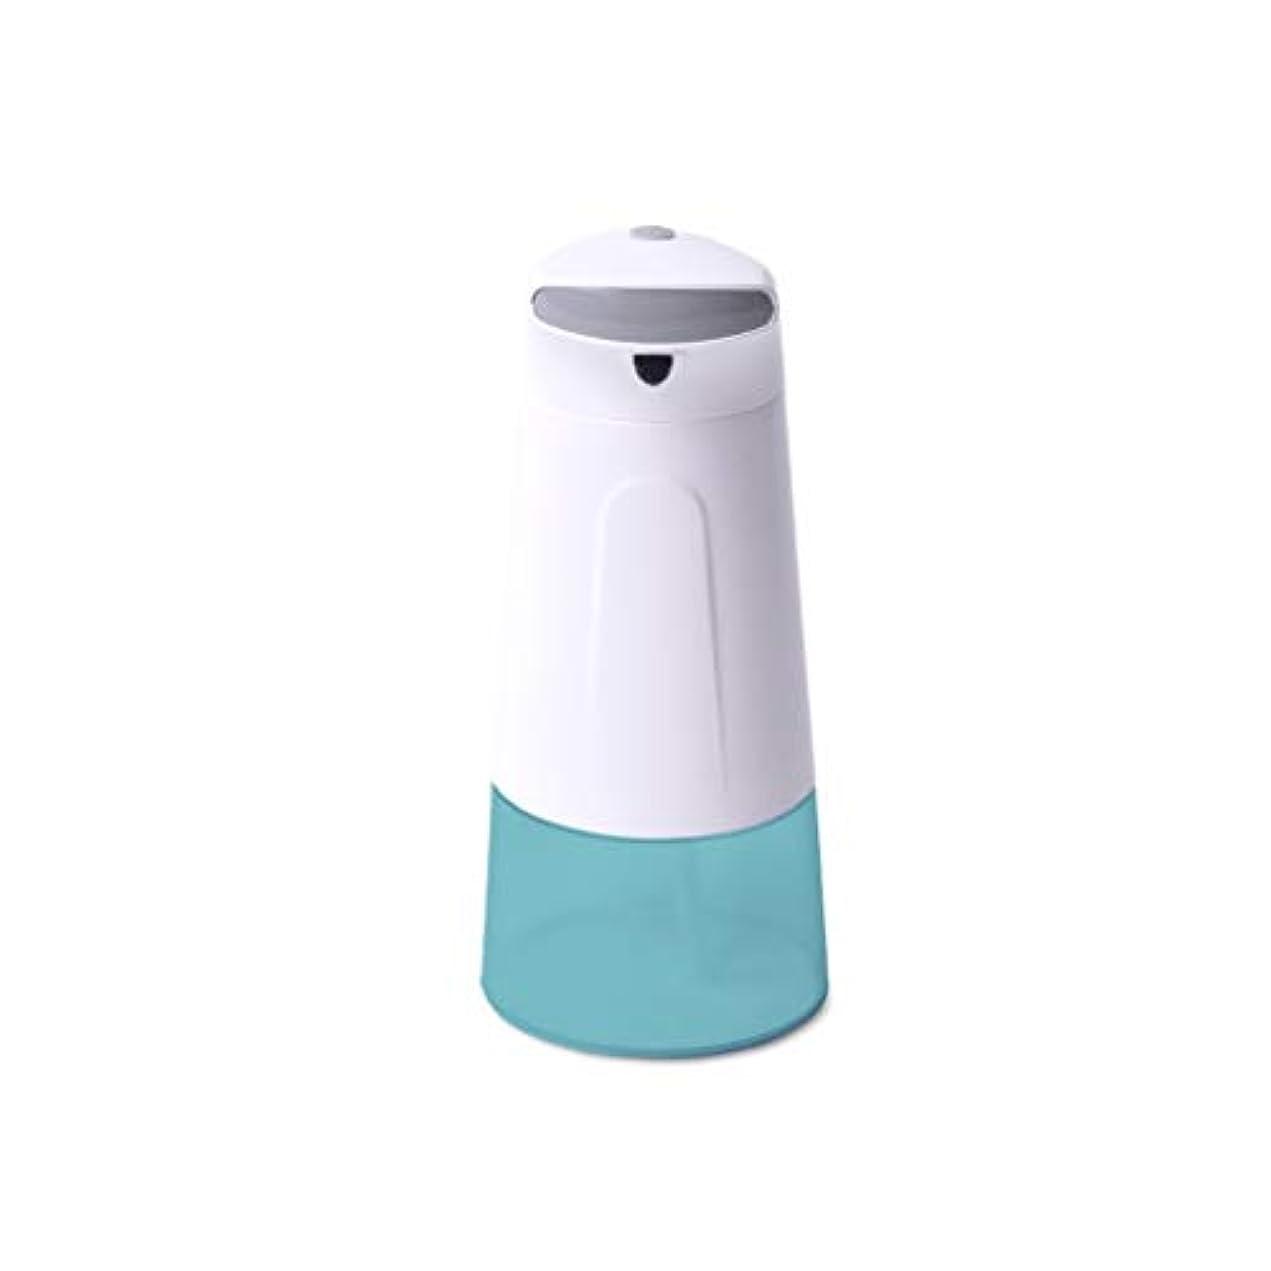 かなりジェームズダイソンめまいがせっけん ソープディスペンサー泡センサーソープディスペンサー自動ソープボックス家庭用洗面台液体アウトレットセットバスルームハンドサニタイザーボックスソープ/シャンプー/ローションシャワー 新しい